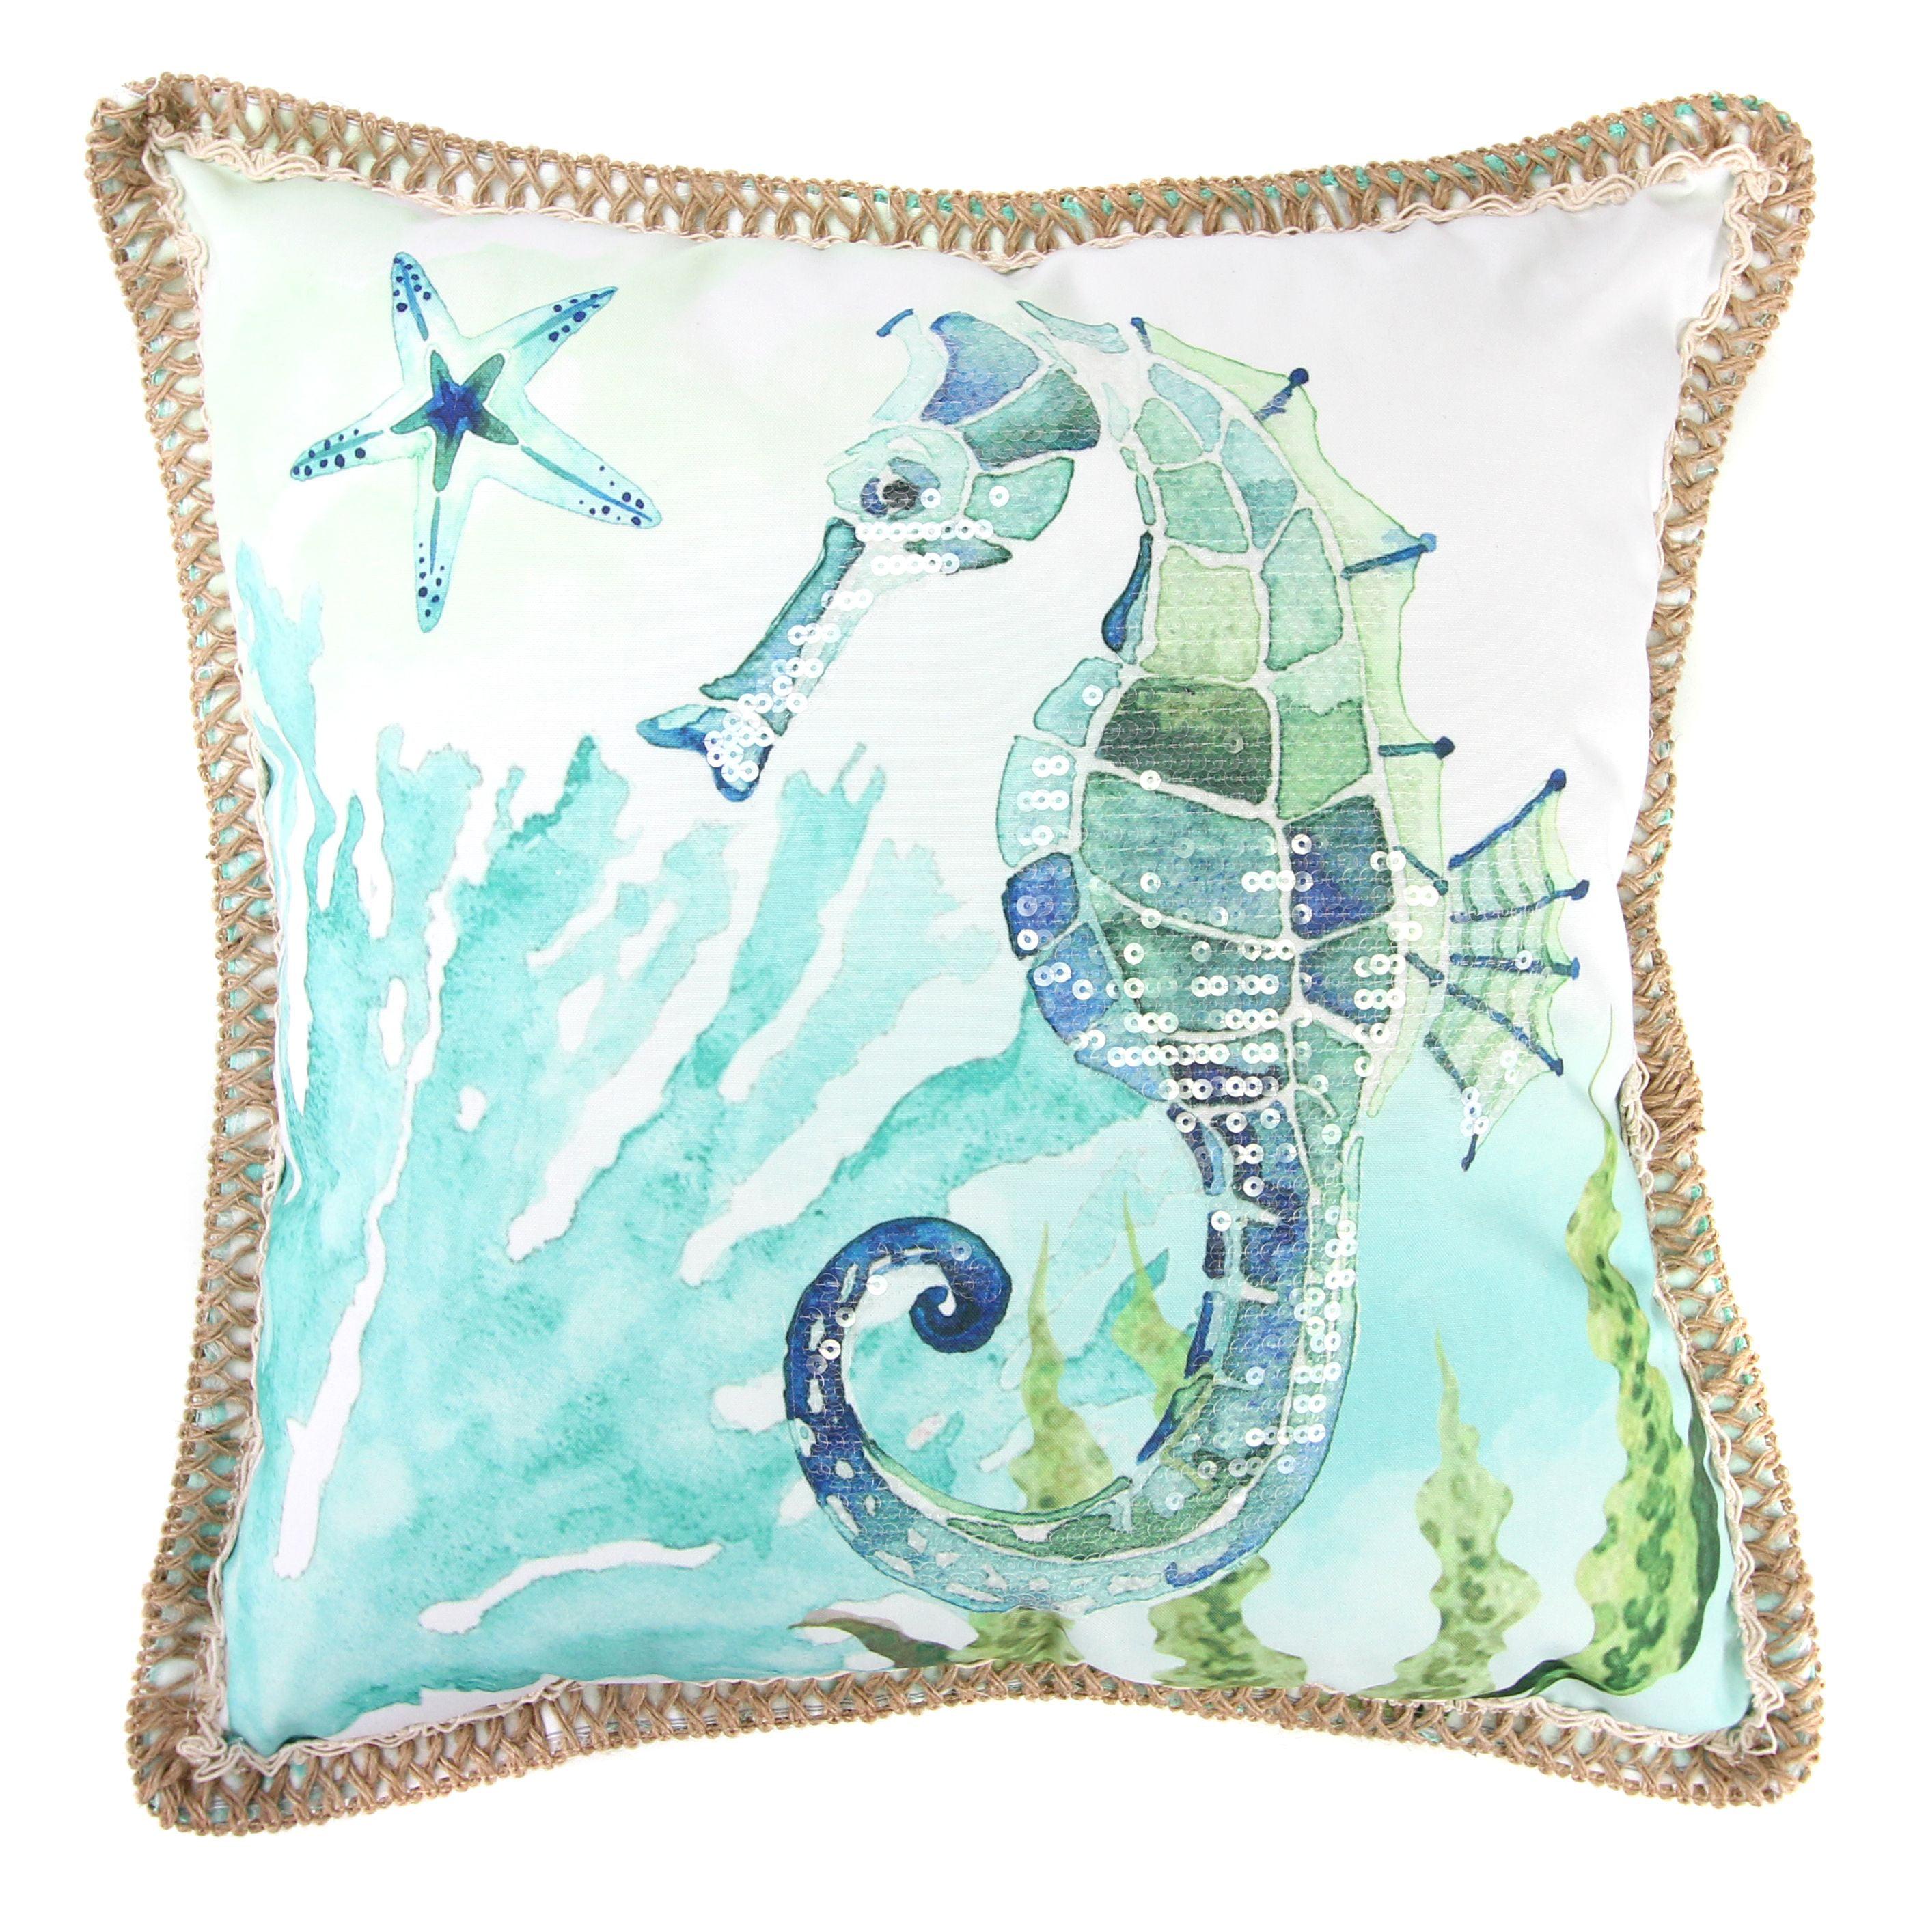 Sparkly Seahorse Sequins Print 18x18 Throw Pillow Walmart Com Walmart Com